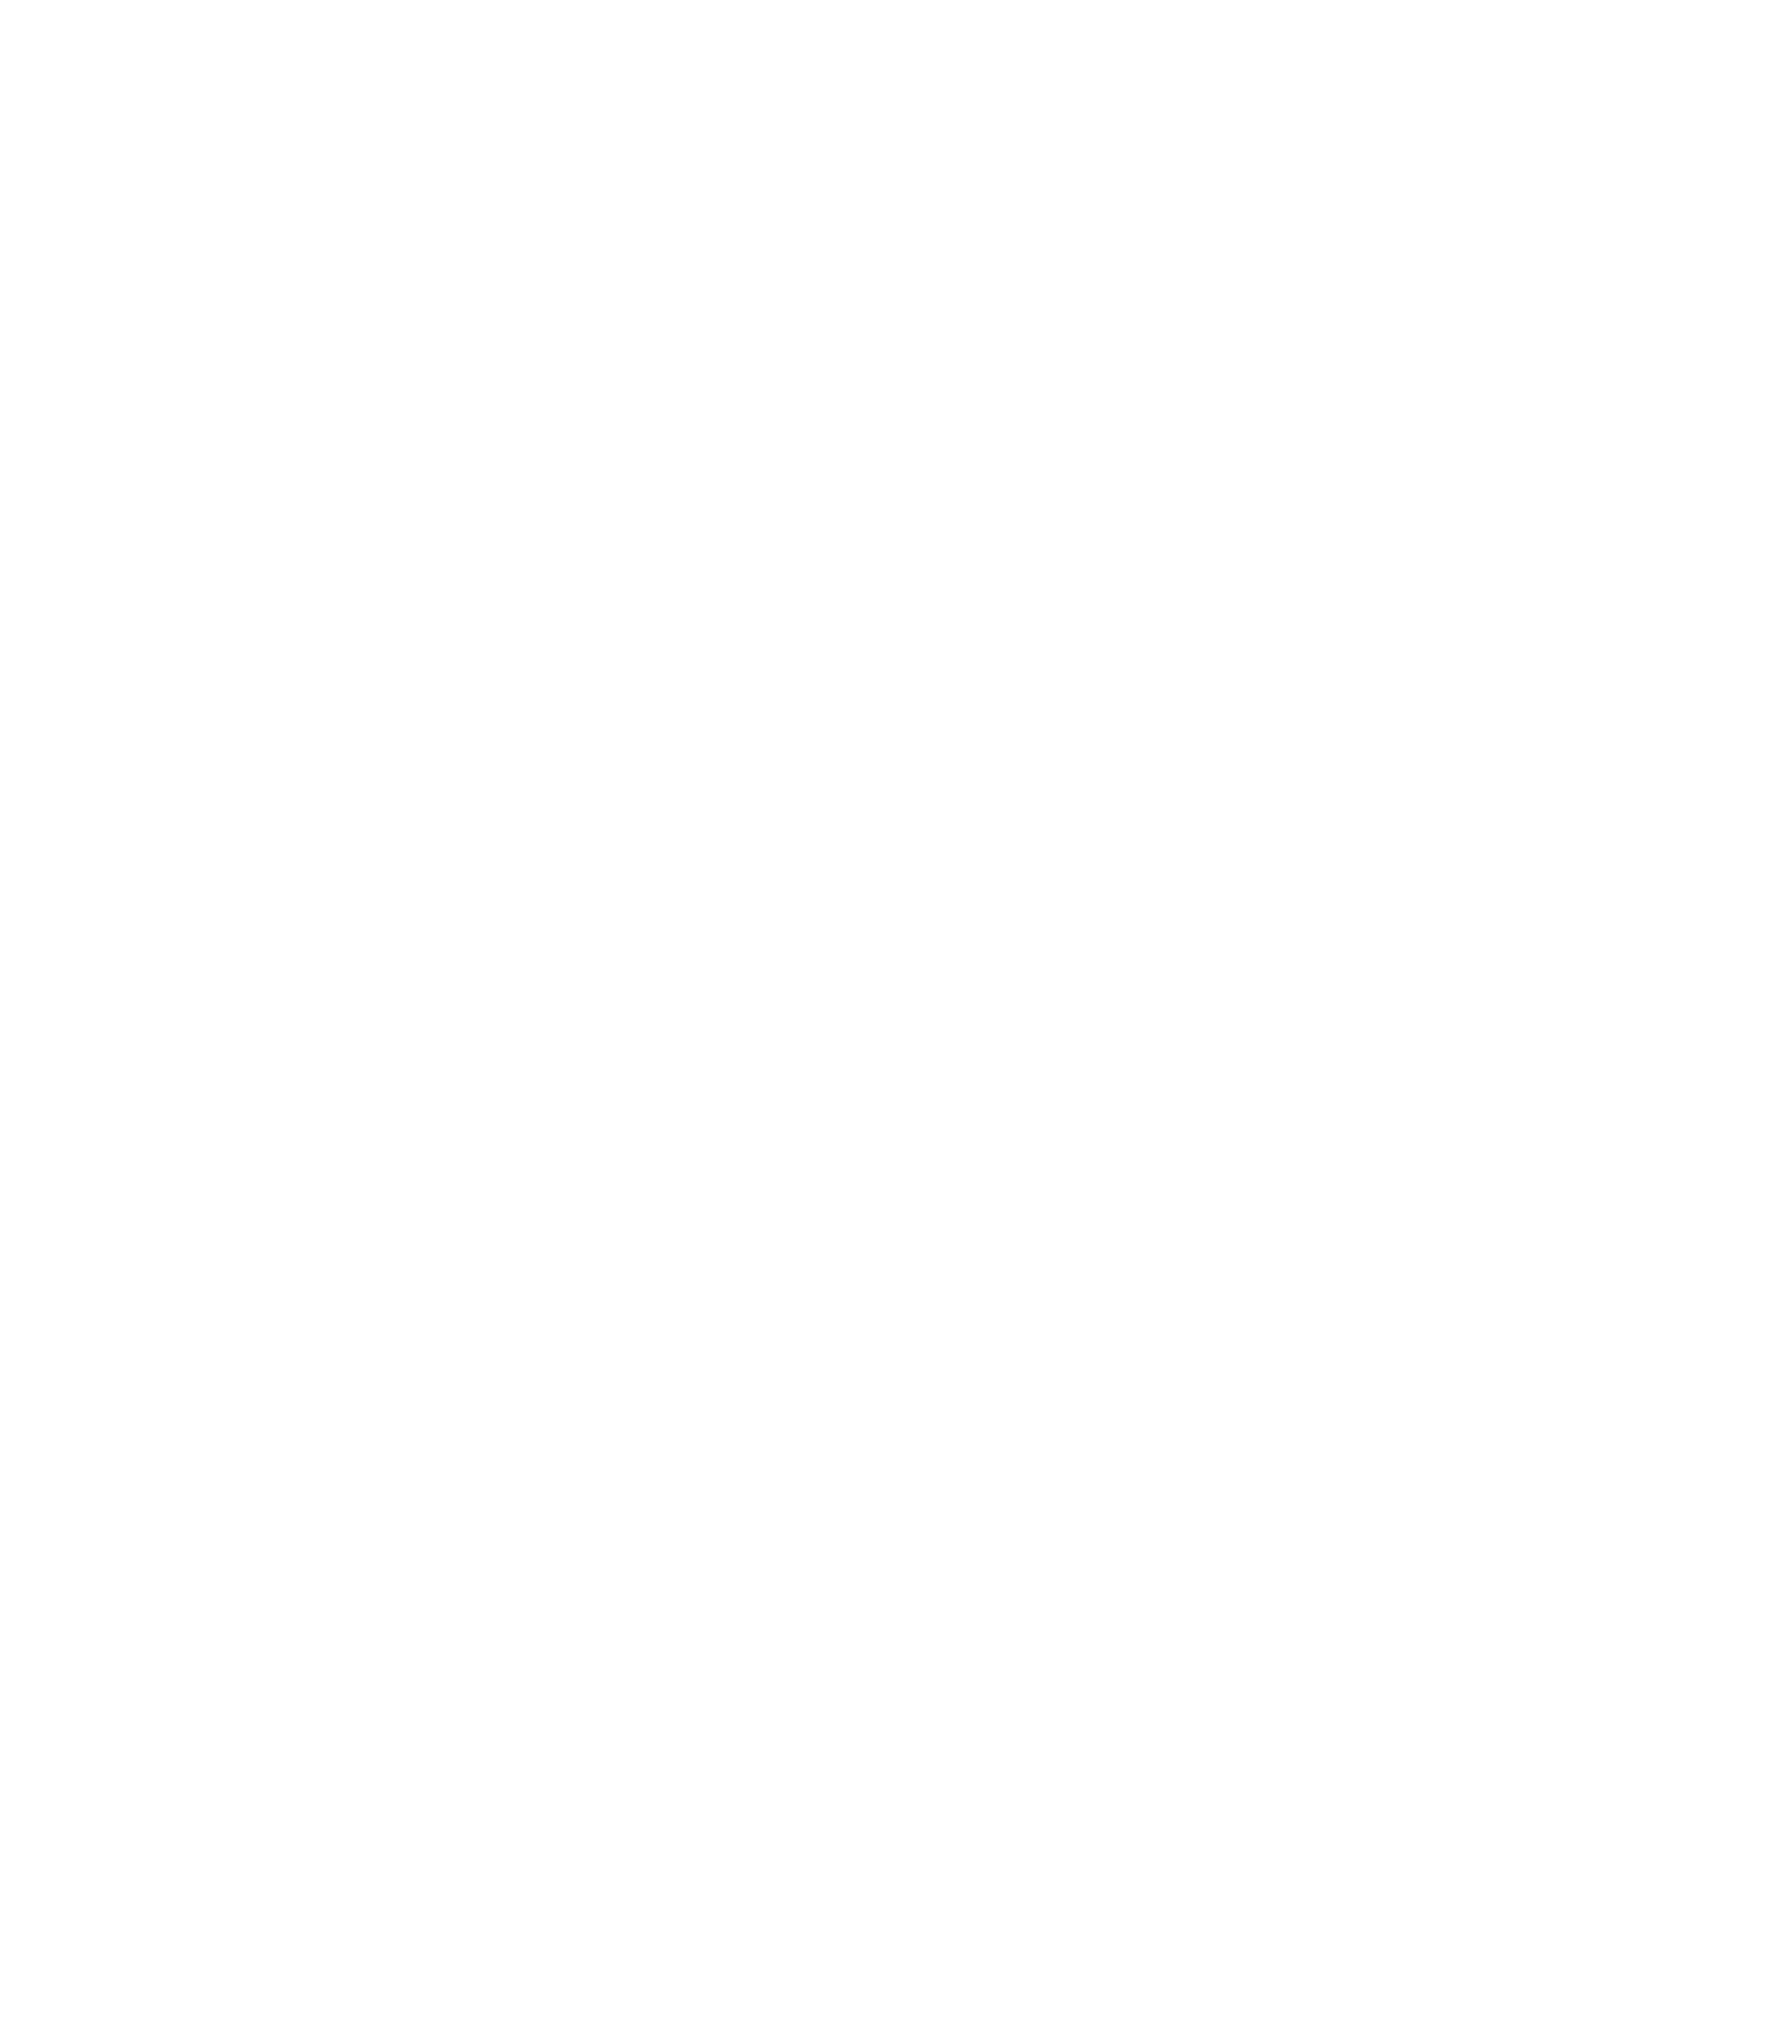 TAPAS-w.png